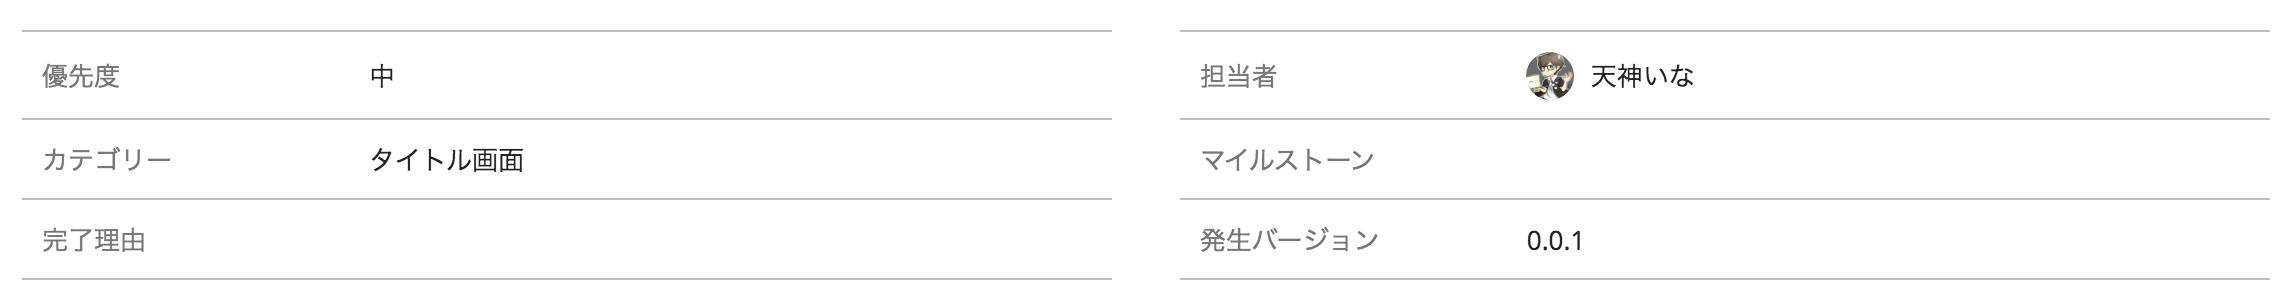 スクリーンショット 2019-12-04 10.23.16.png